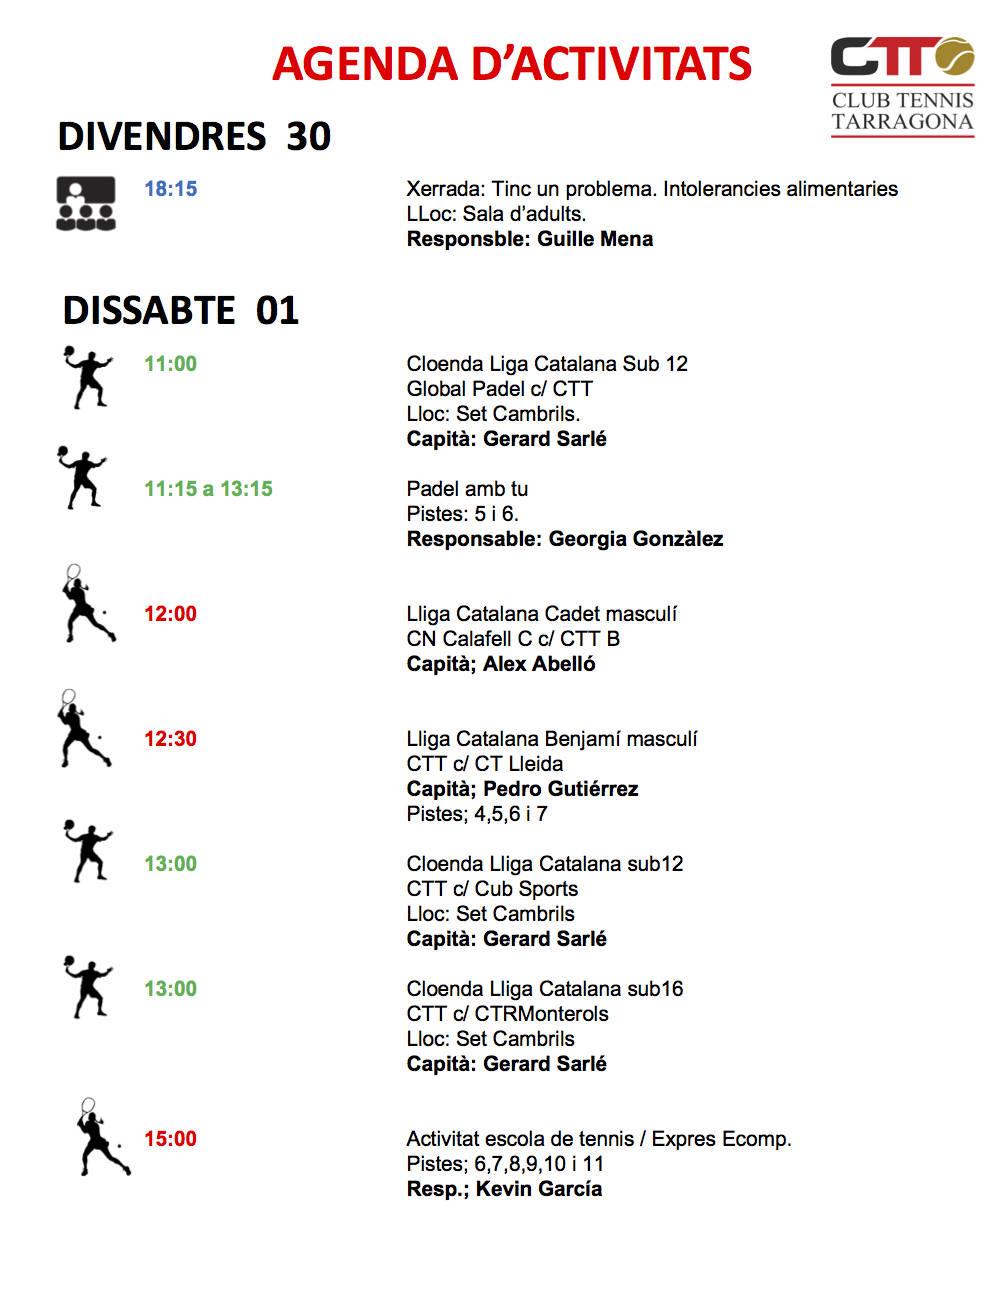 Agenda del cap de setmana del 30 de novembre, 1 i 2 de desembre